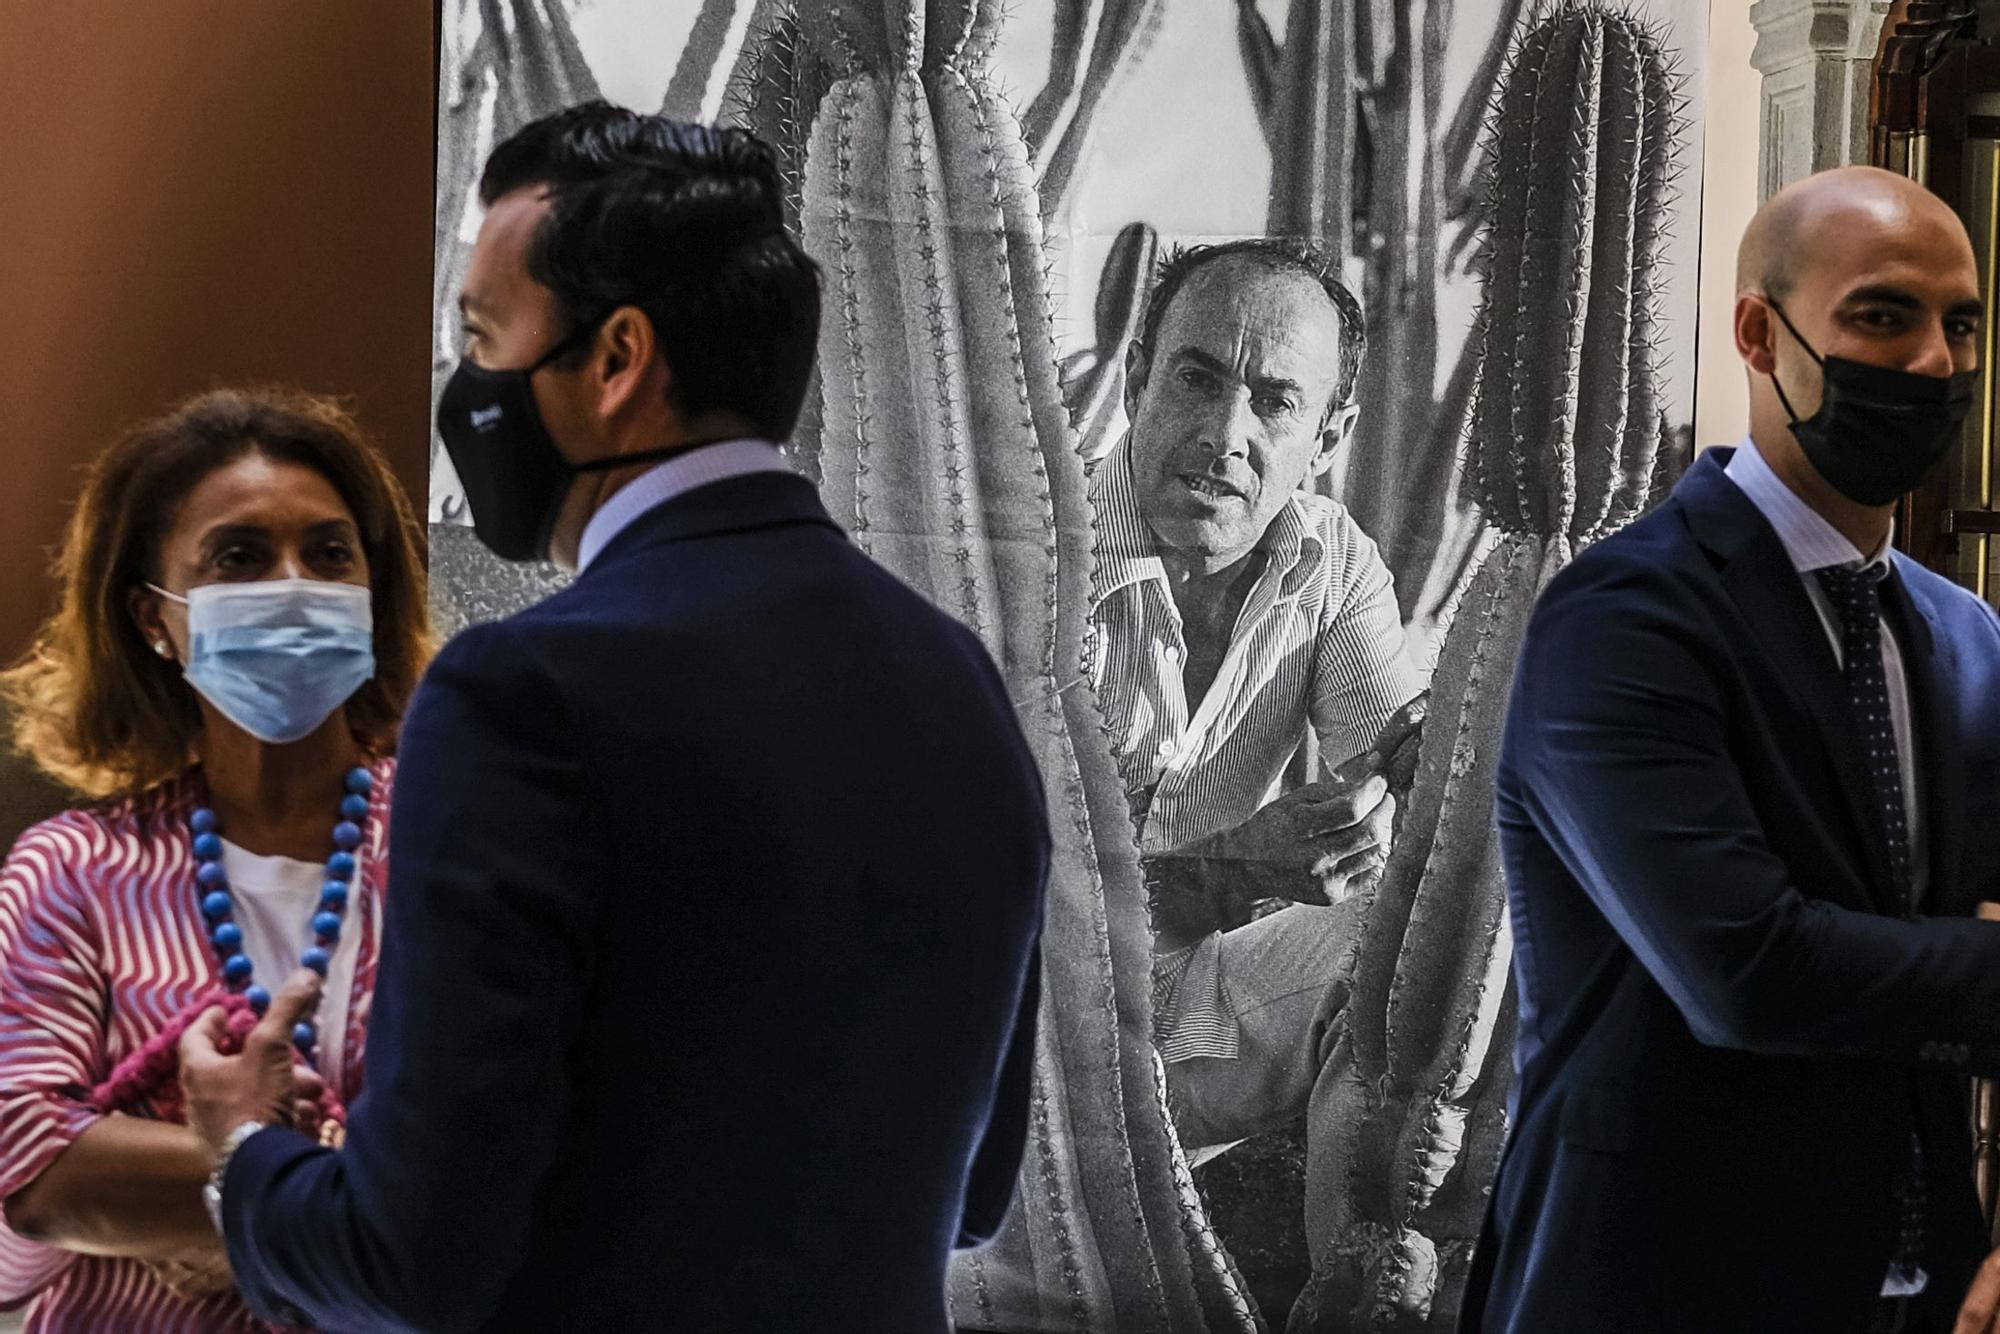 Exposición de fotografías 'Manrique inédito' en el Hotel Santa Catalina